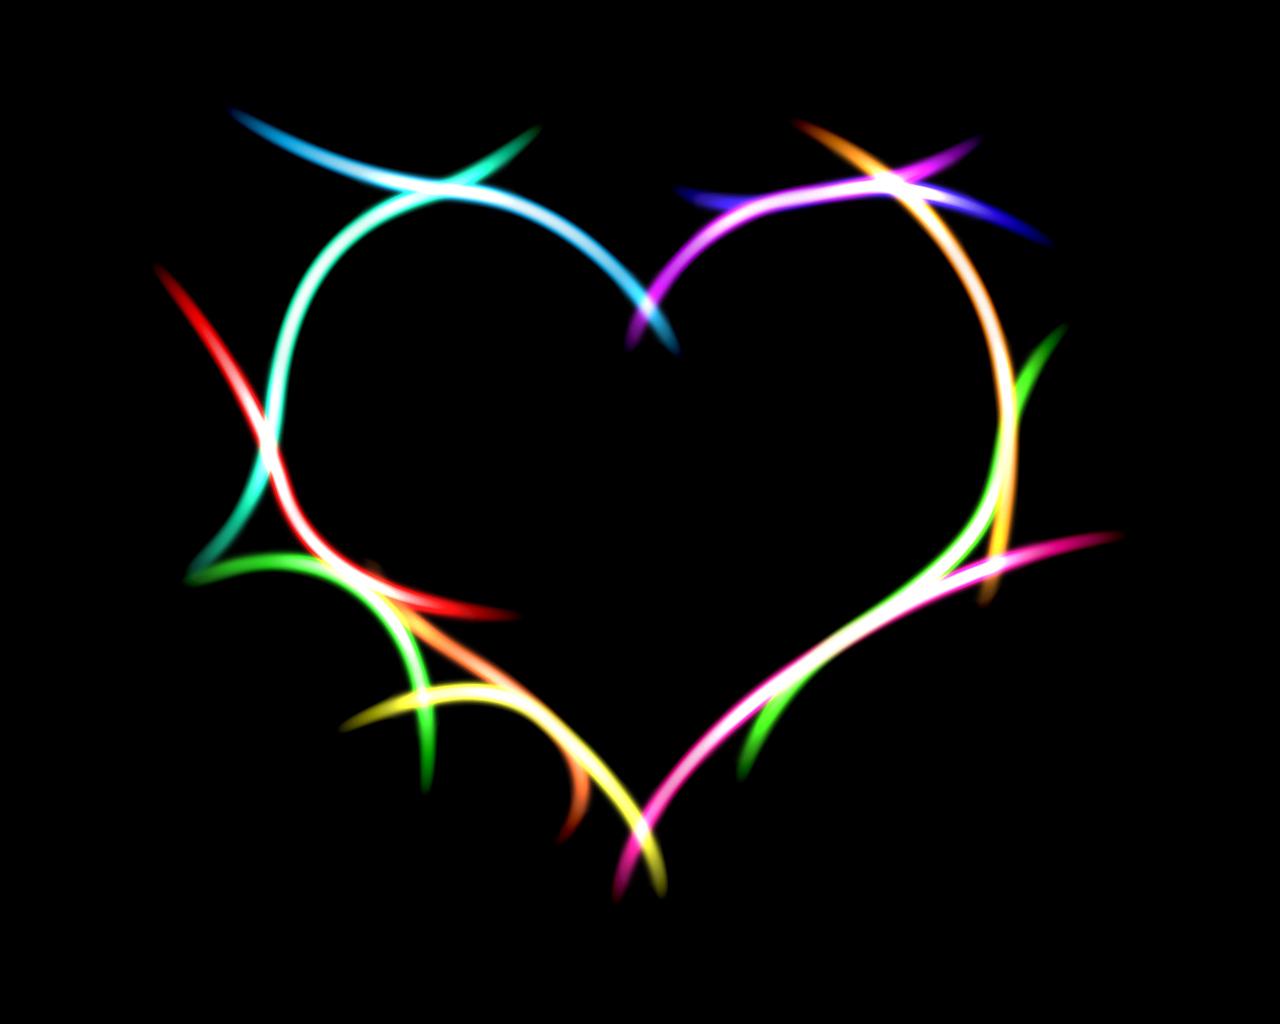 http://2.bp.blogspot.com/-pod7af9ePVg/Tg02Dr7tgAI/AAAAAAAAC7I/xG-E9-emCdU/s1600/104129%2Cxcitefun-heart-wallpapers-6.jpg